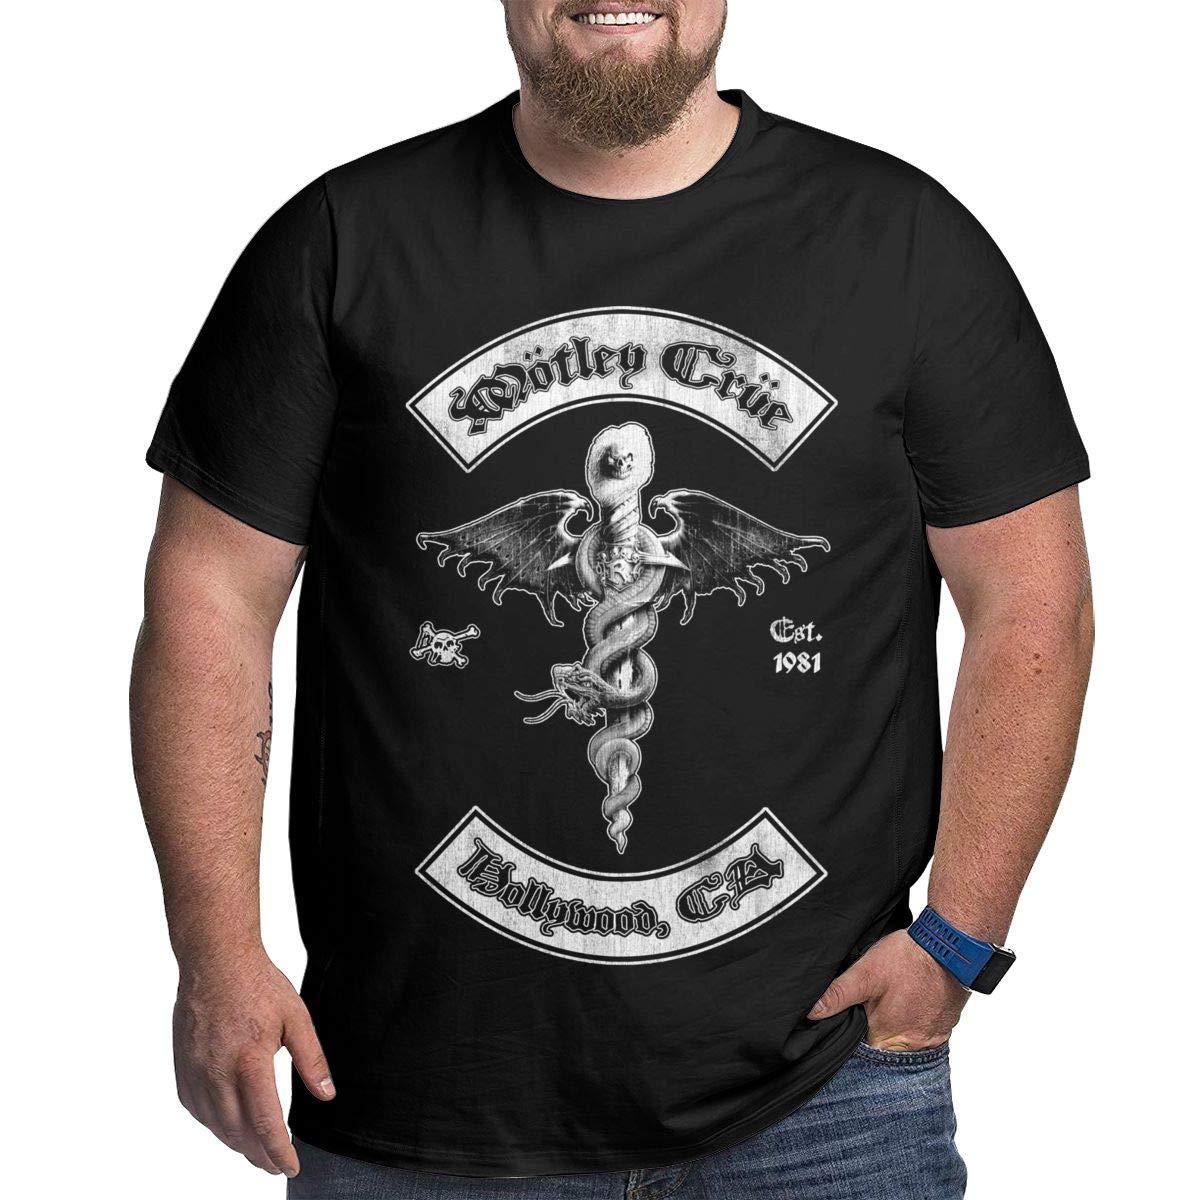 5a2d5d14b T-shirt à manches courtes pour hommes Dwight E Hoskins Motley Crue pour  hommes, taille plus grande, taille XXL à 6XL